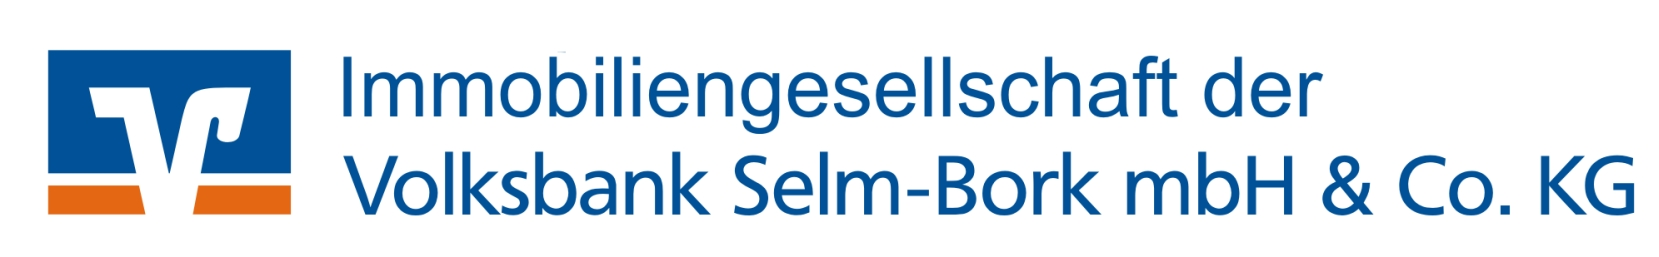 Immobilienabteilung der Volksbank Selm-Bork eG